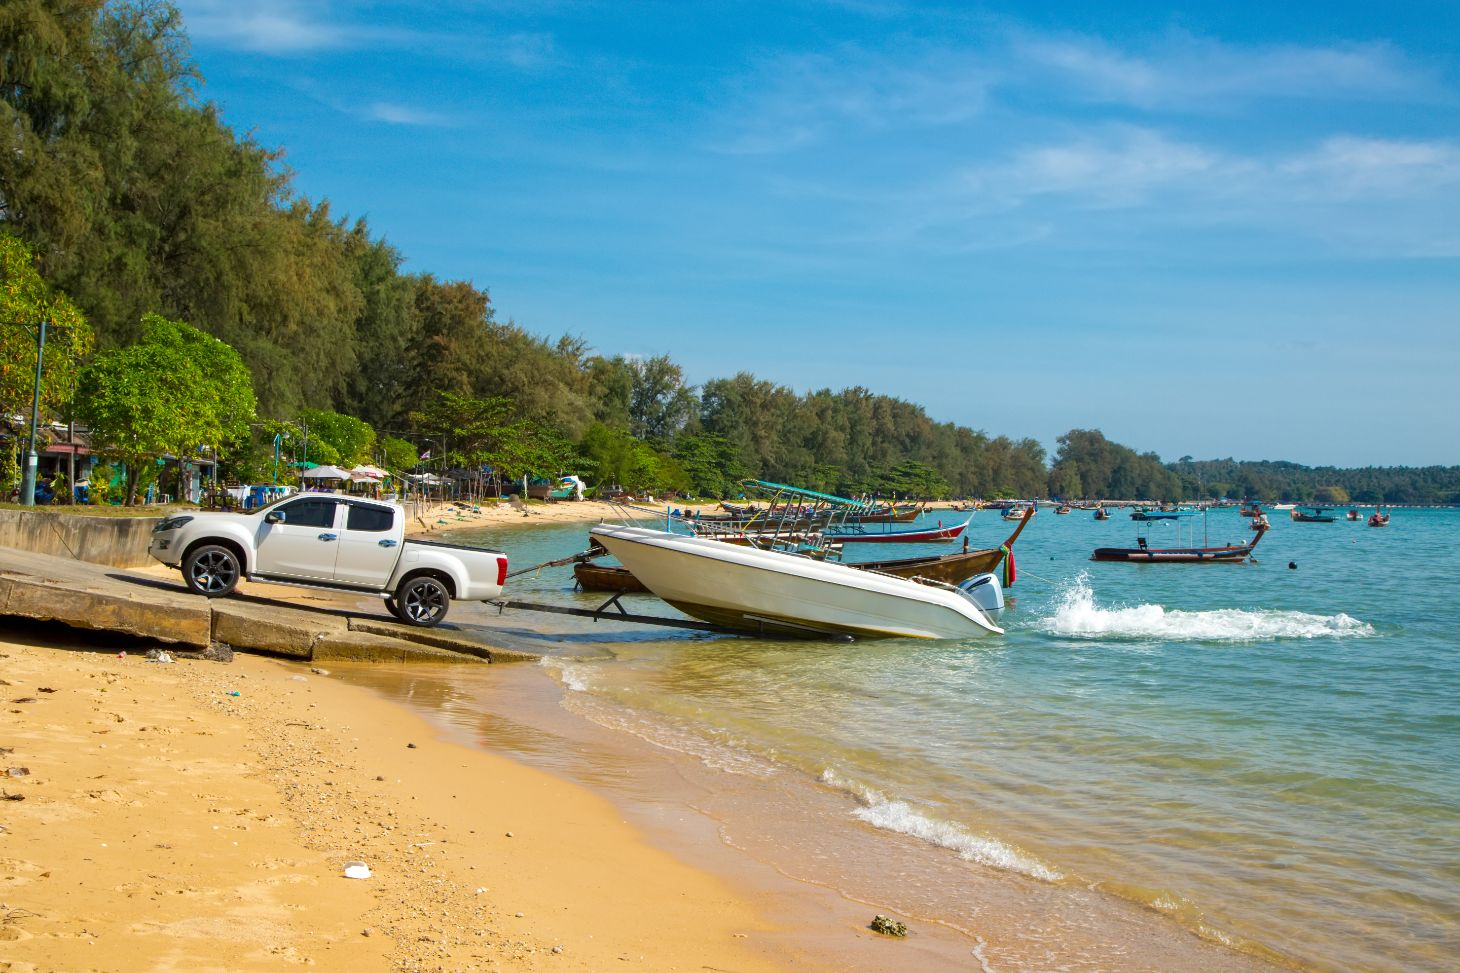 picape puxando barco no reboque em praia